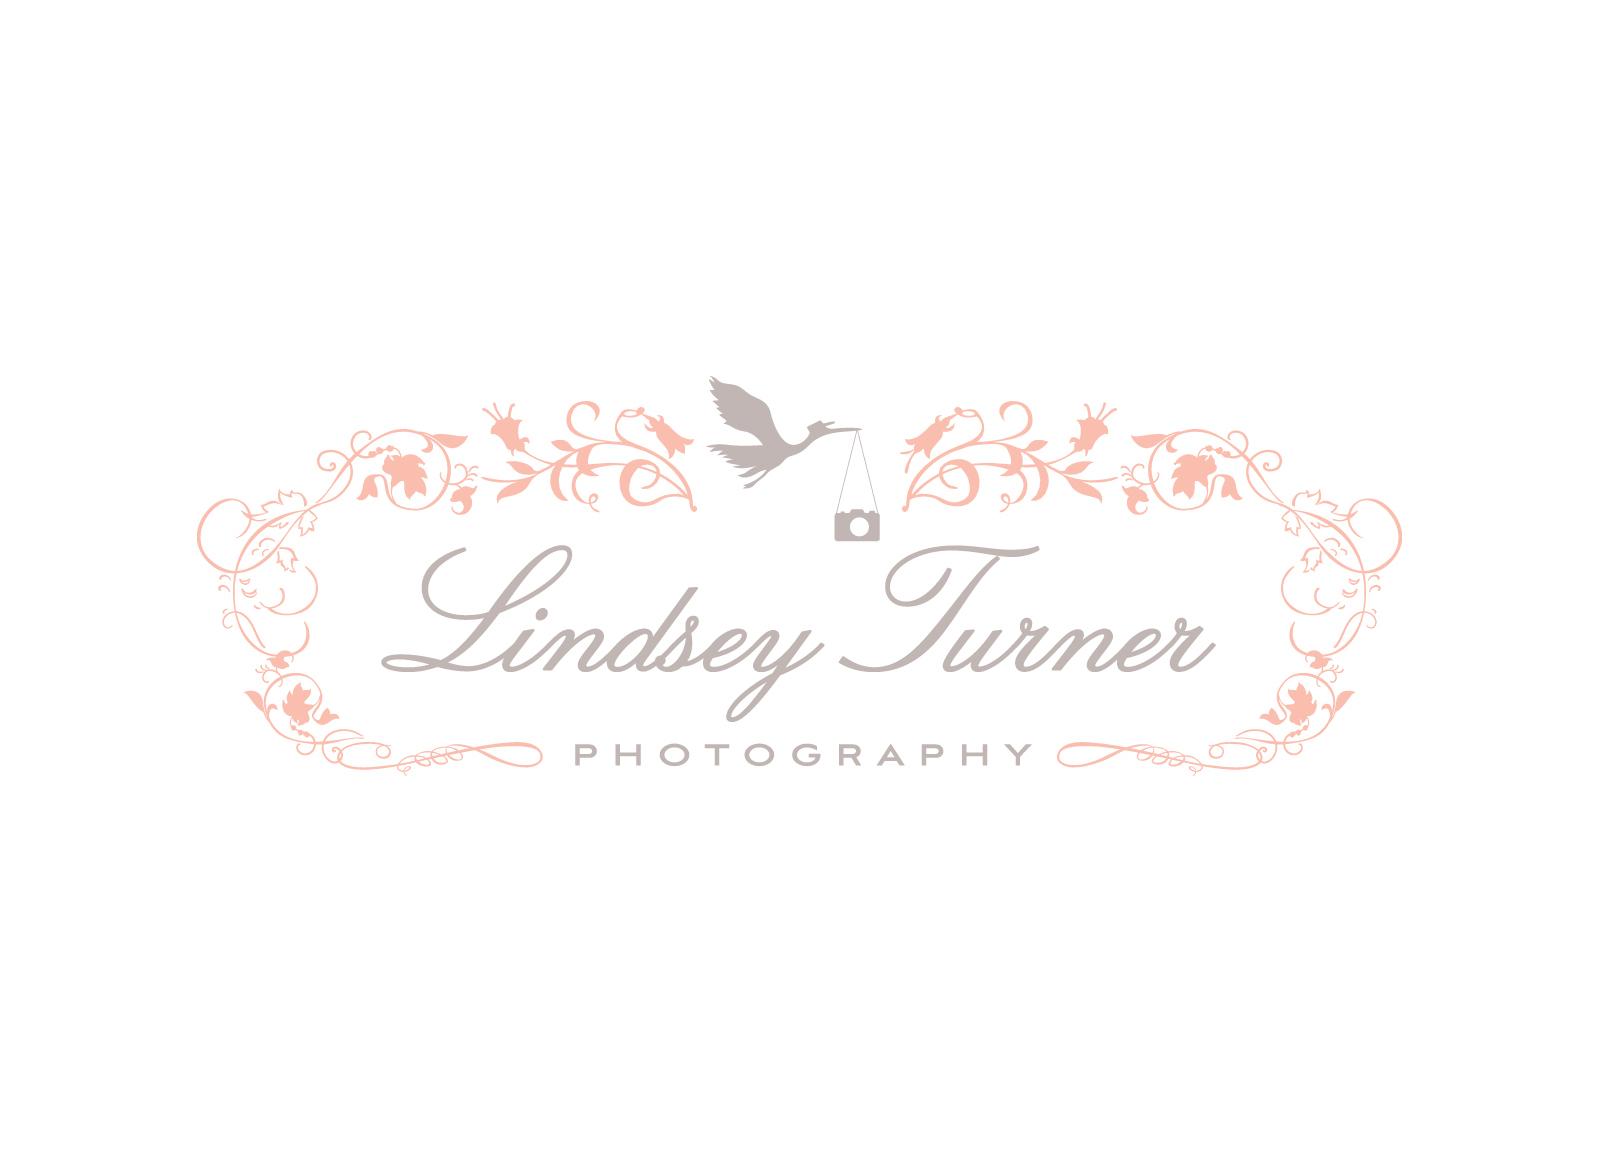 LT_logo.jpg